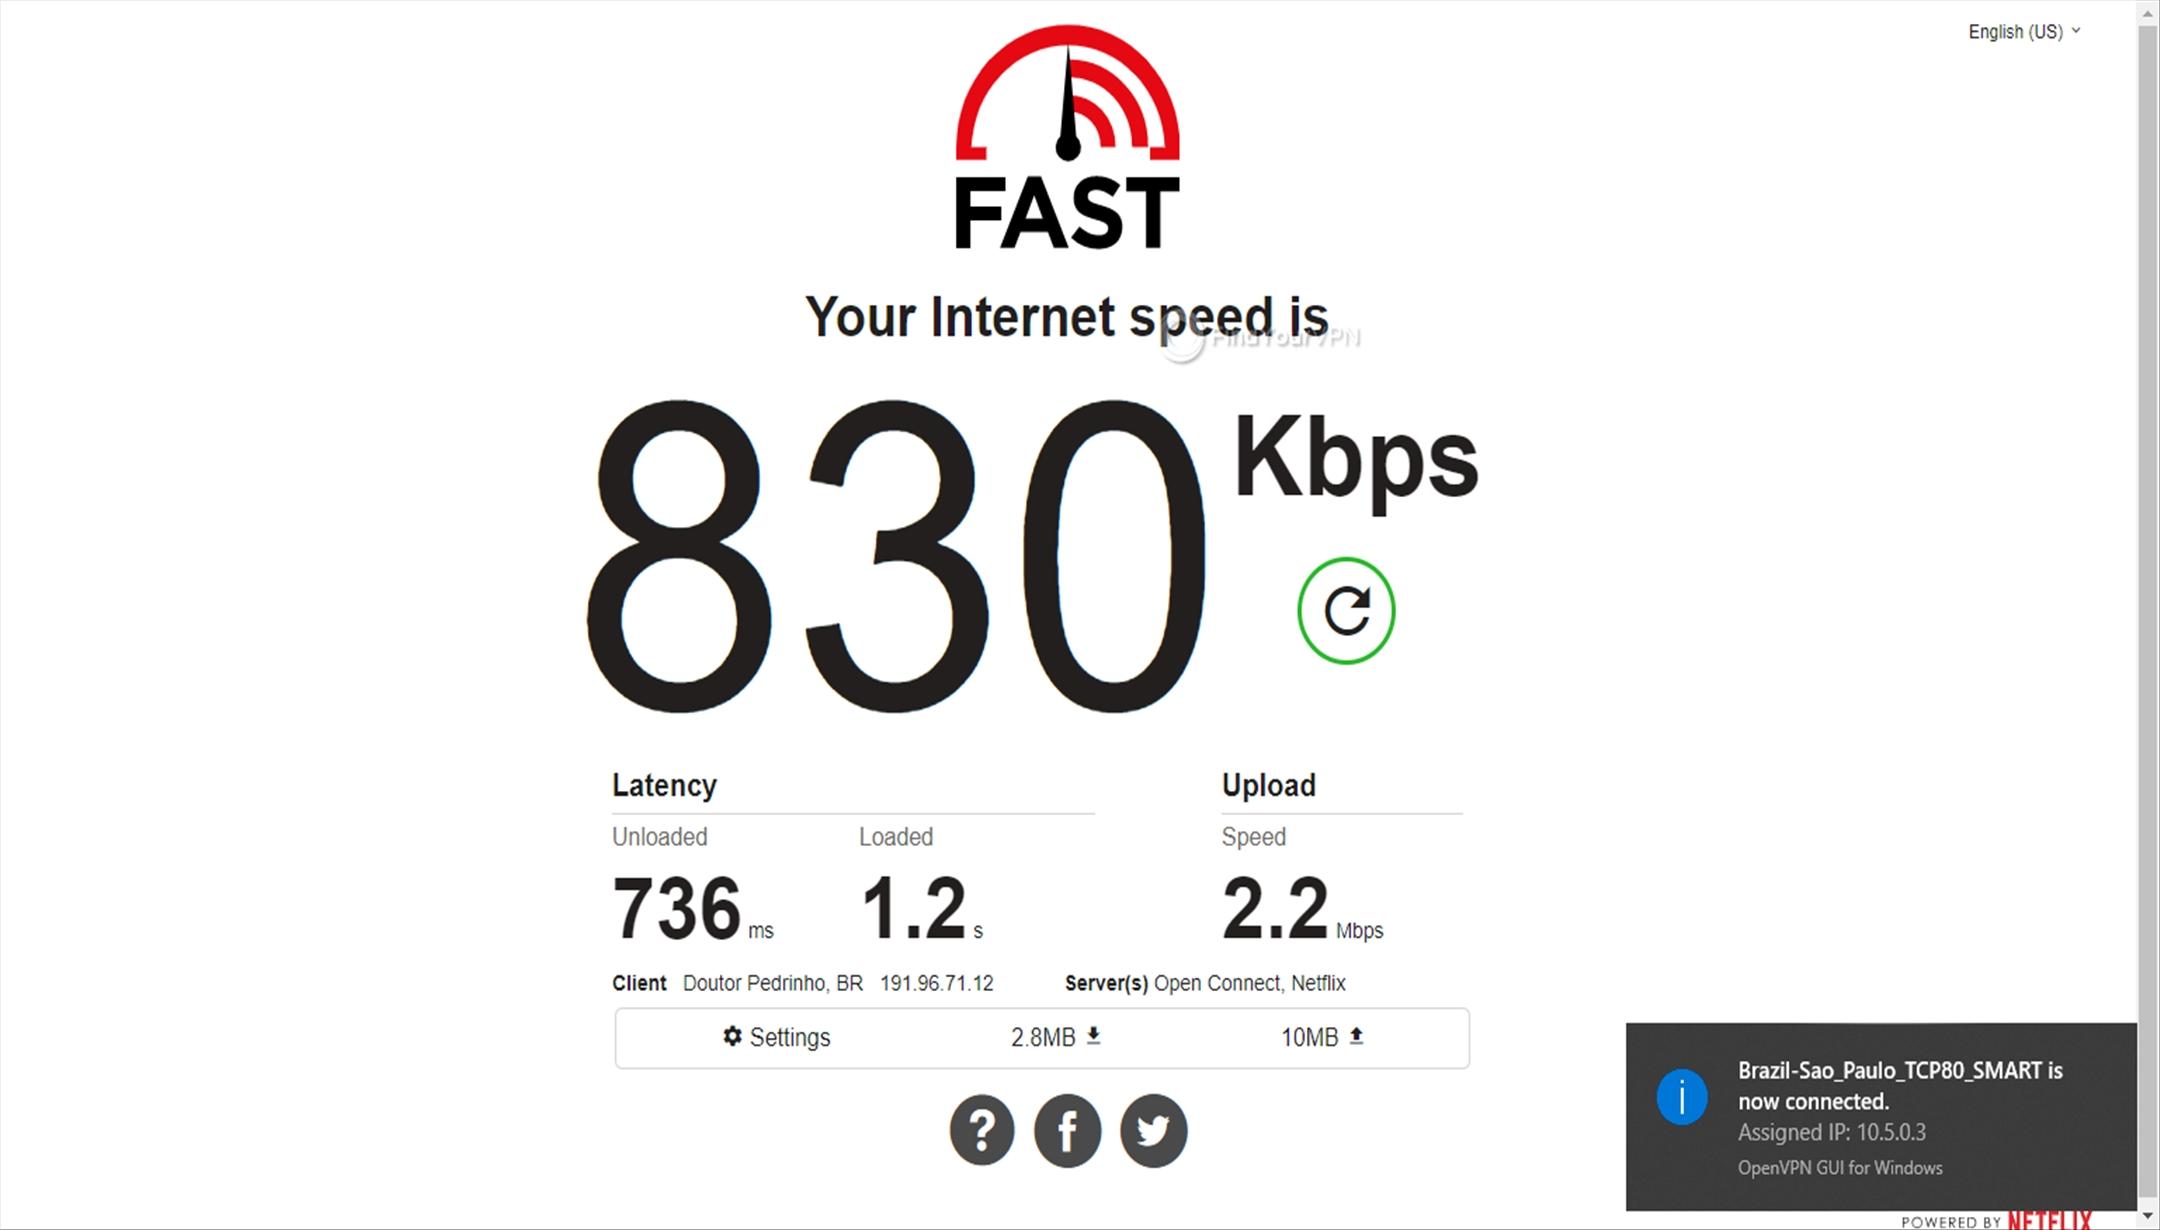 Getflix Brazil 830 Kbps speed